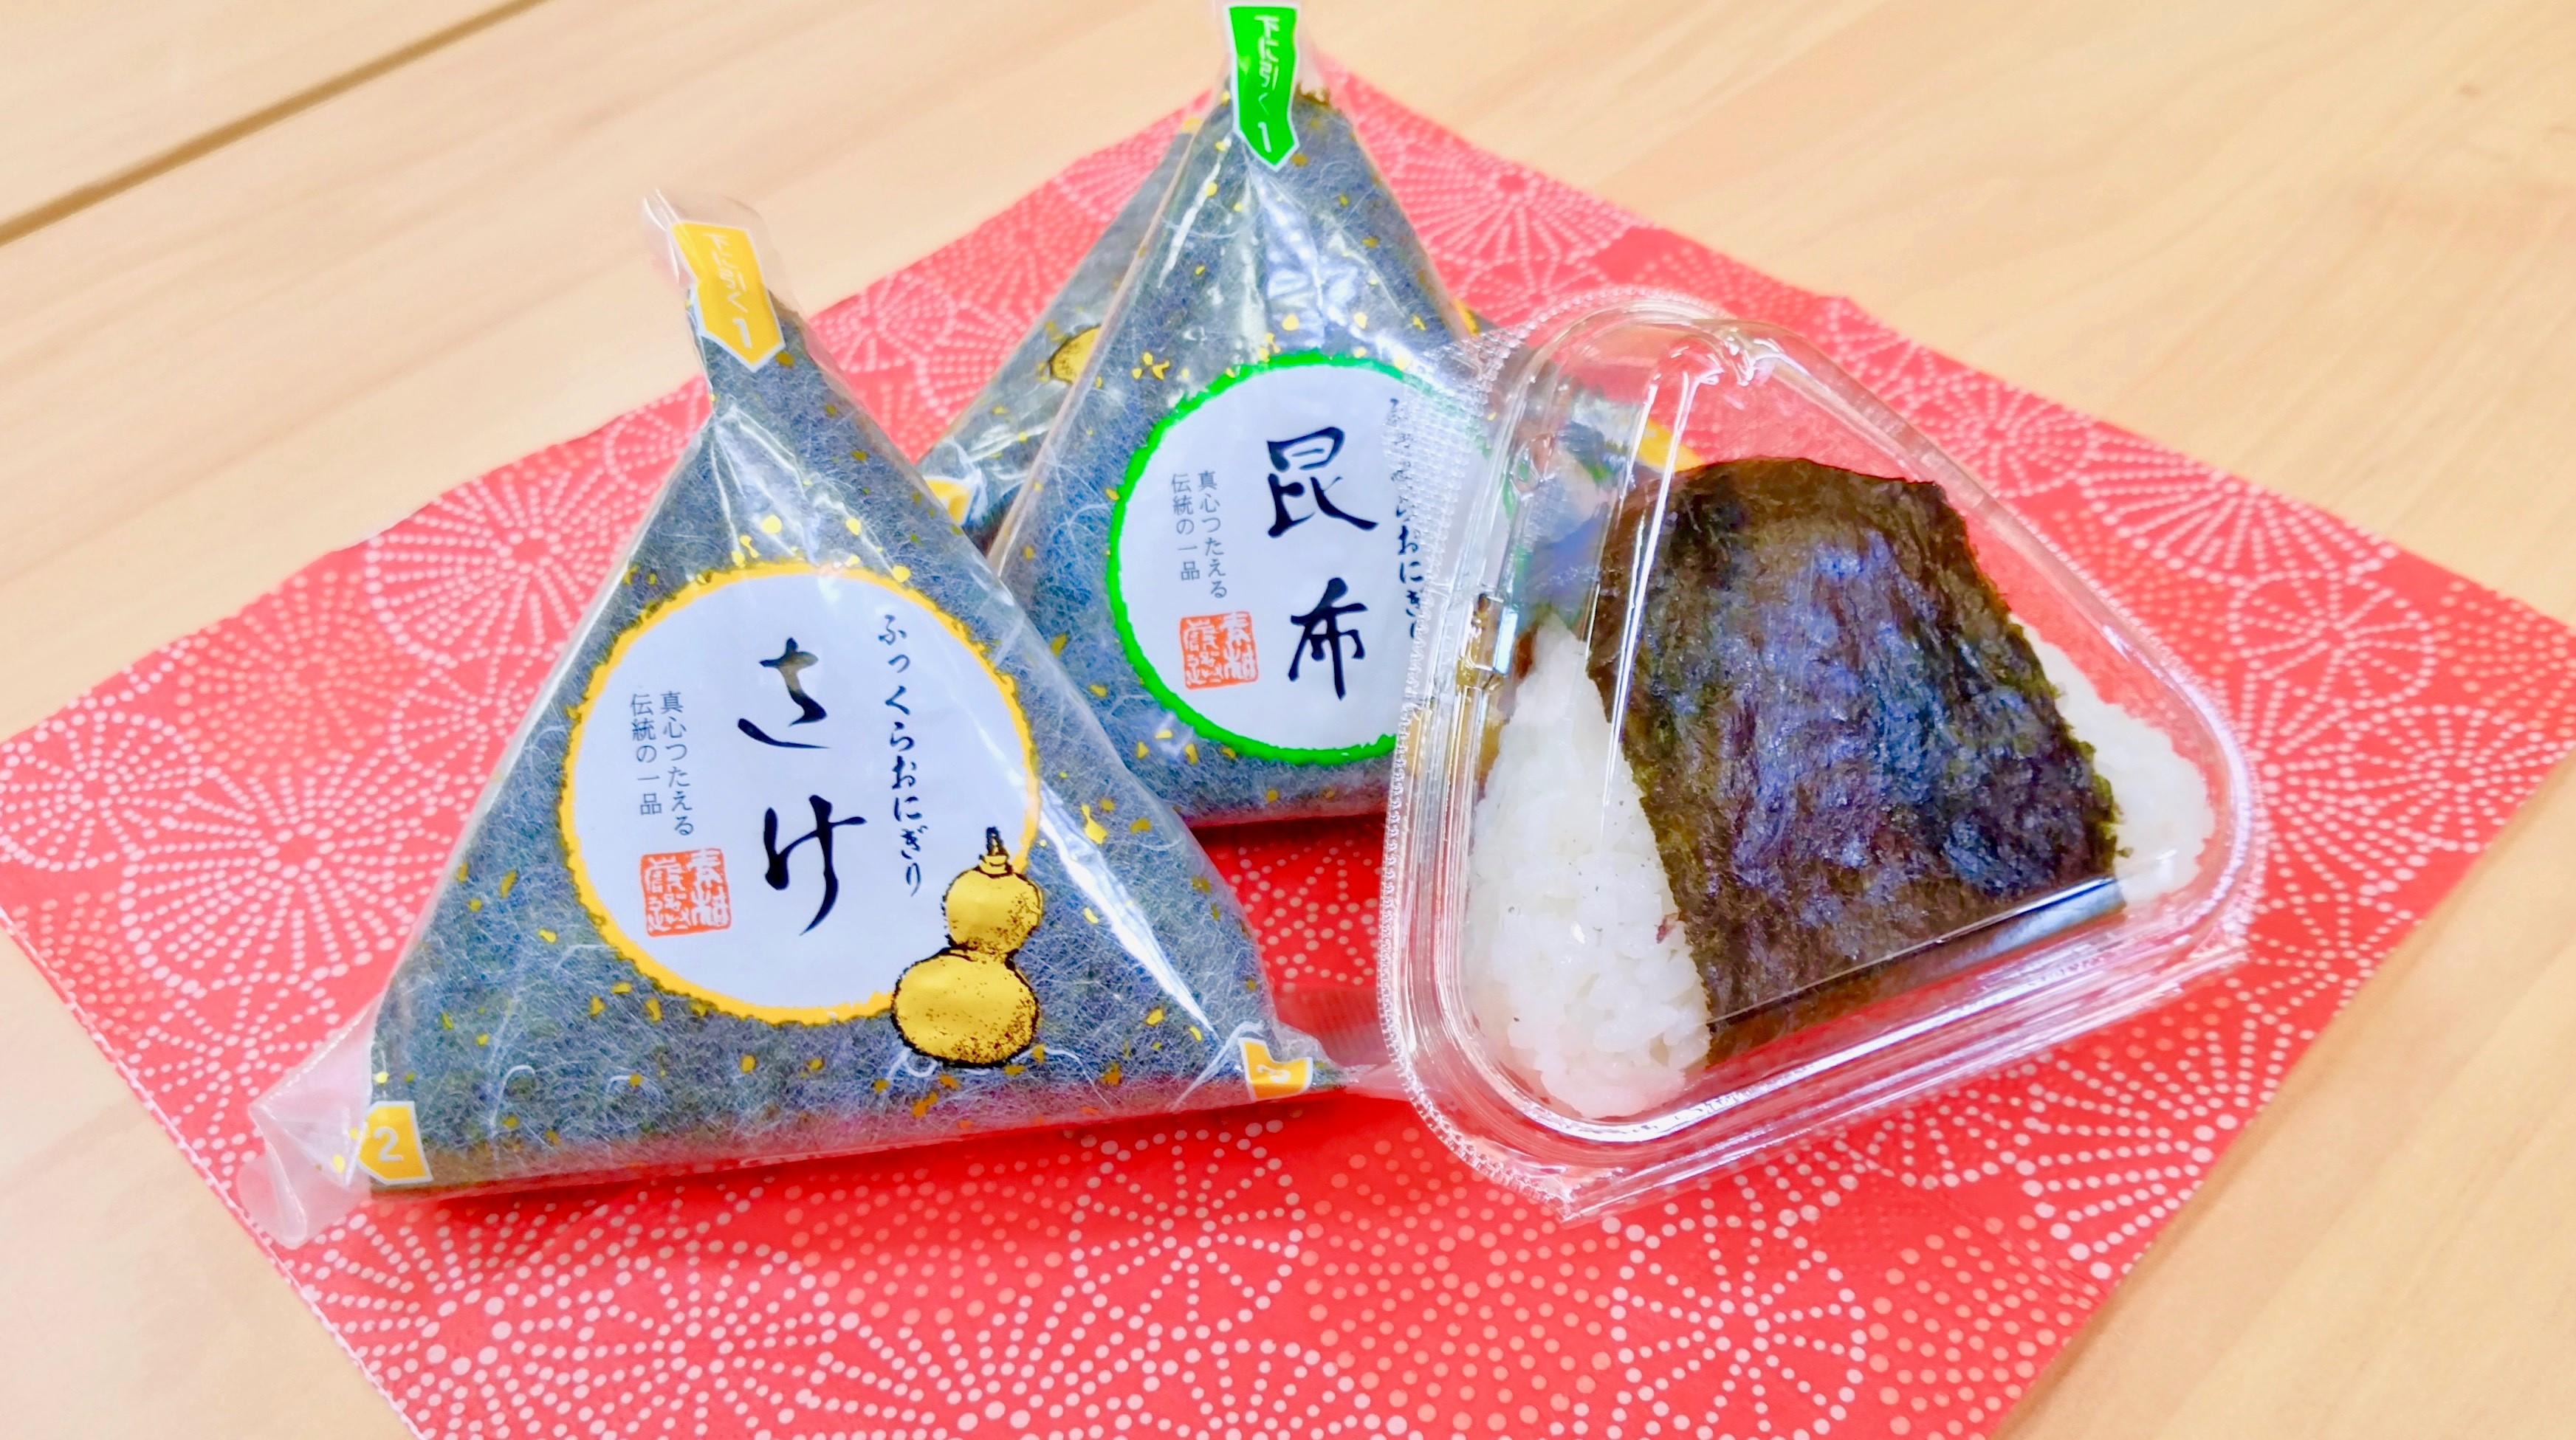 ☆10月19日(土)開催のさわらびっこ祭り食品紹介☆ ~Part1~:画像6